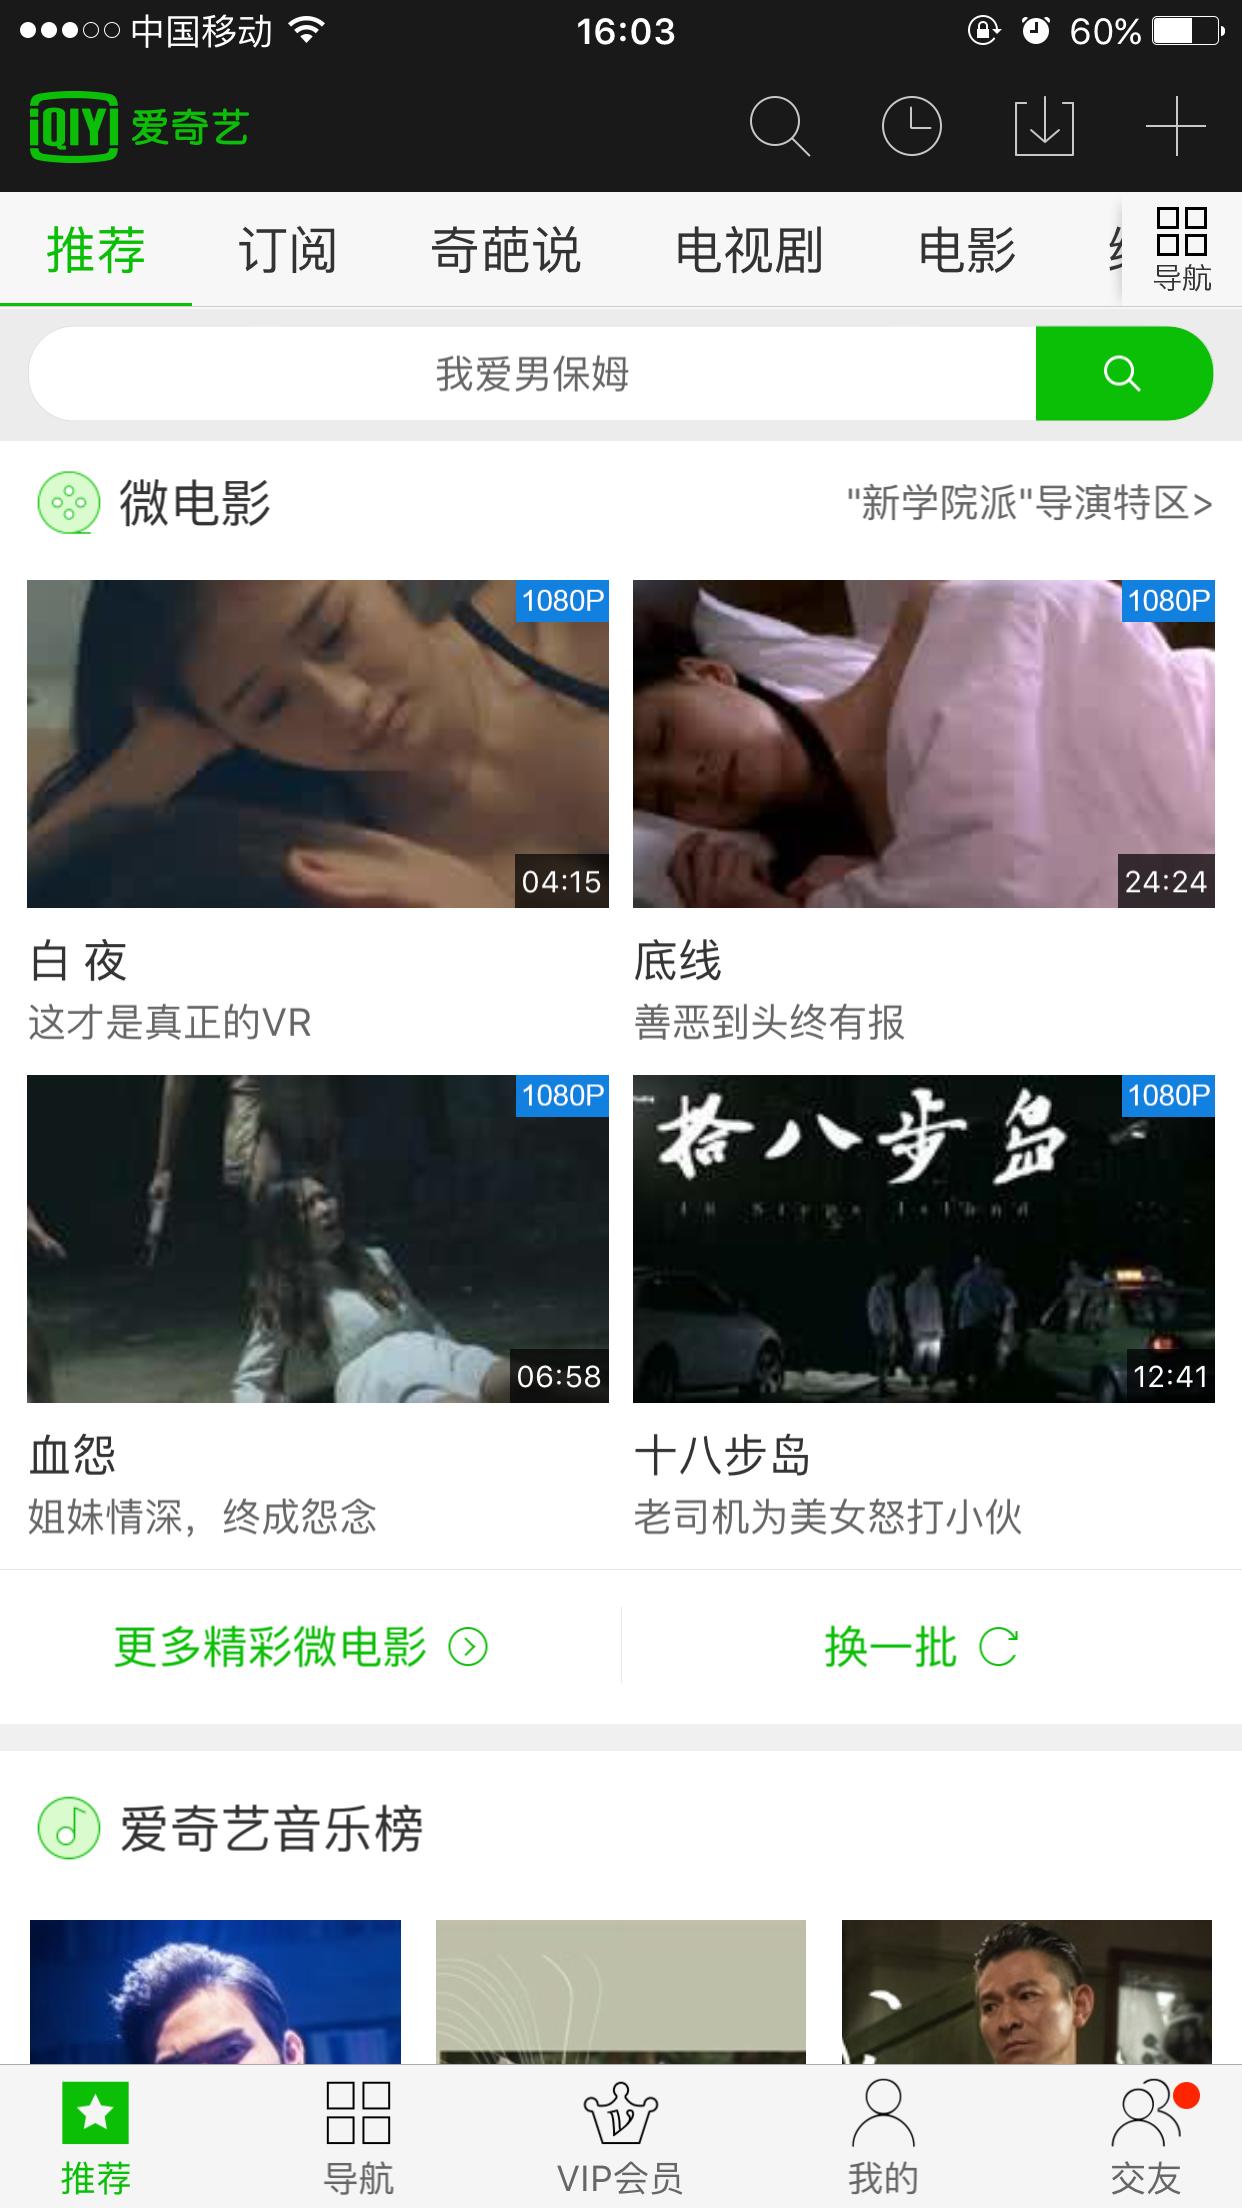 爱奇艺app首页 白夜